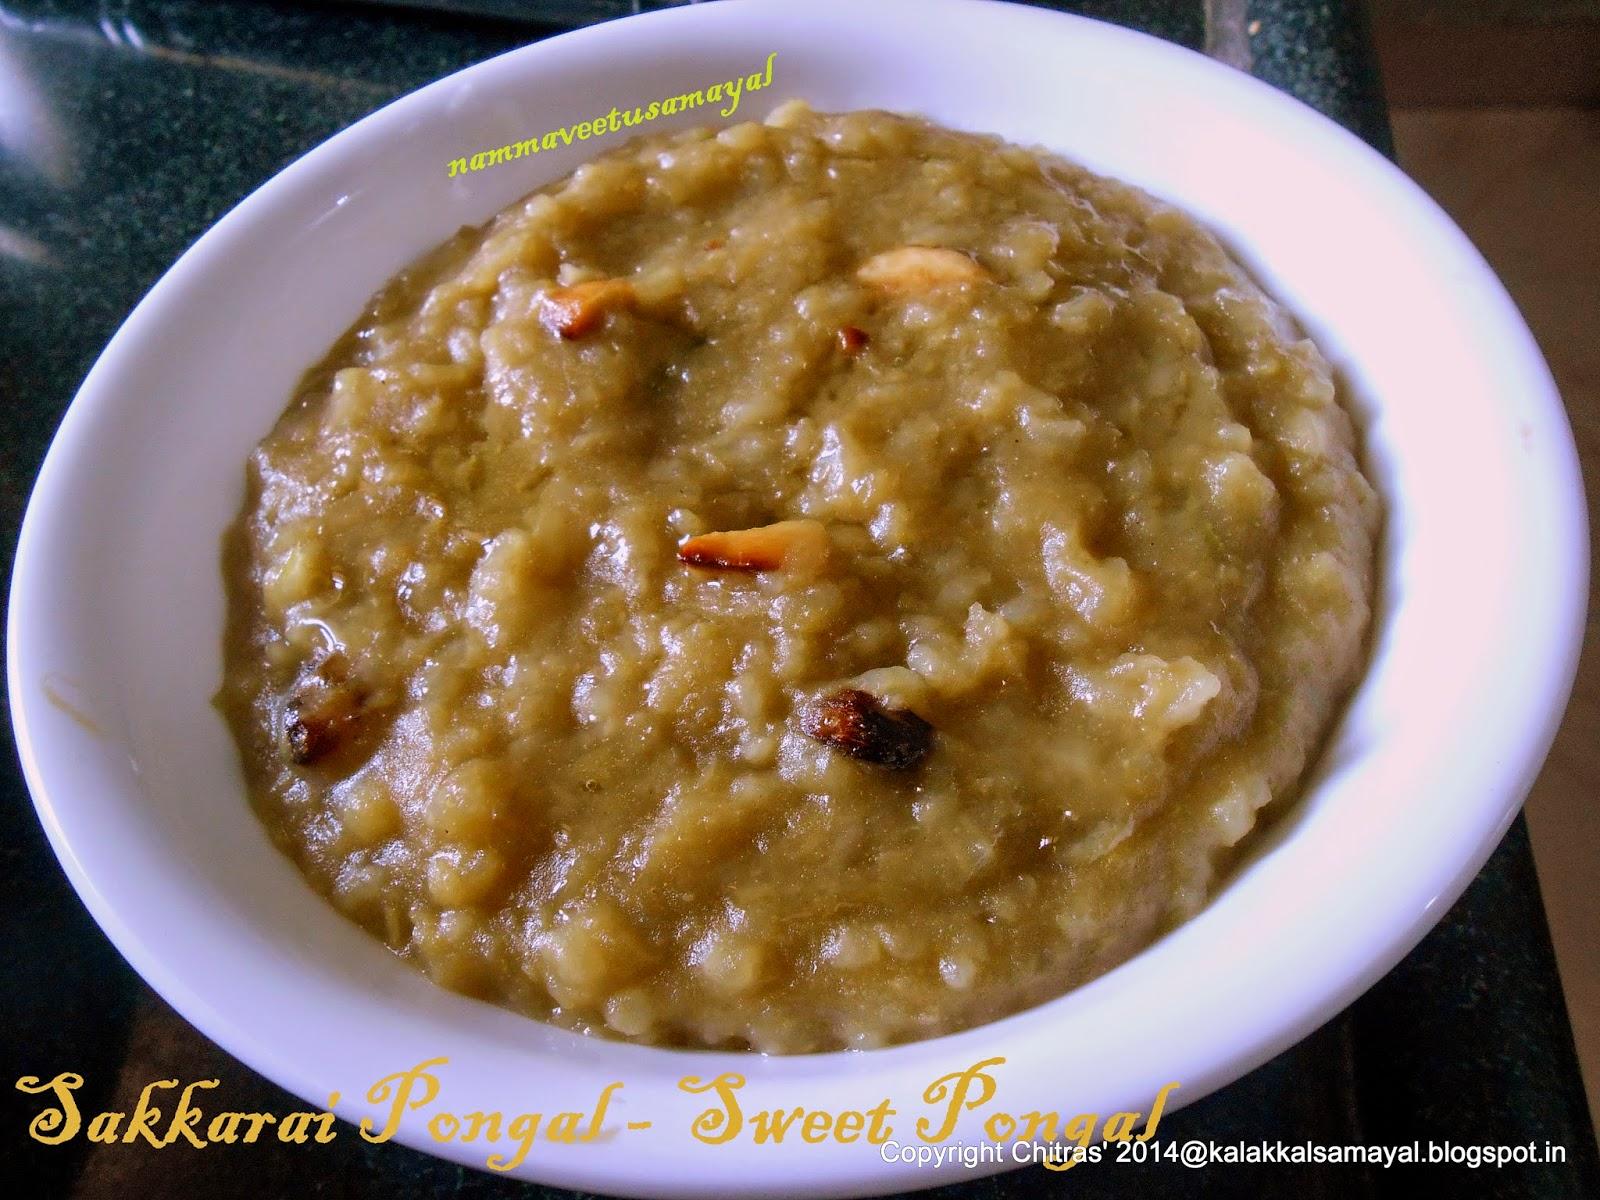 Sakkarai Pongal [ Sweet Pongal ]